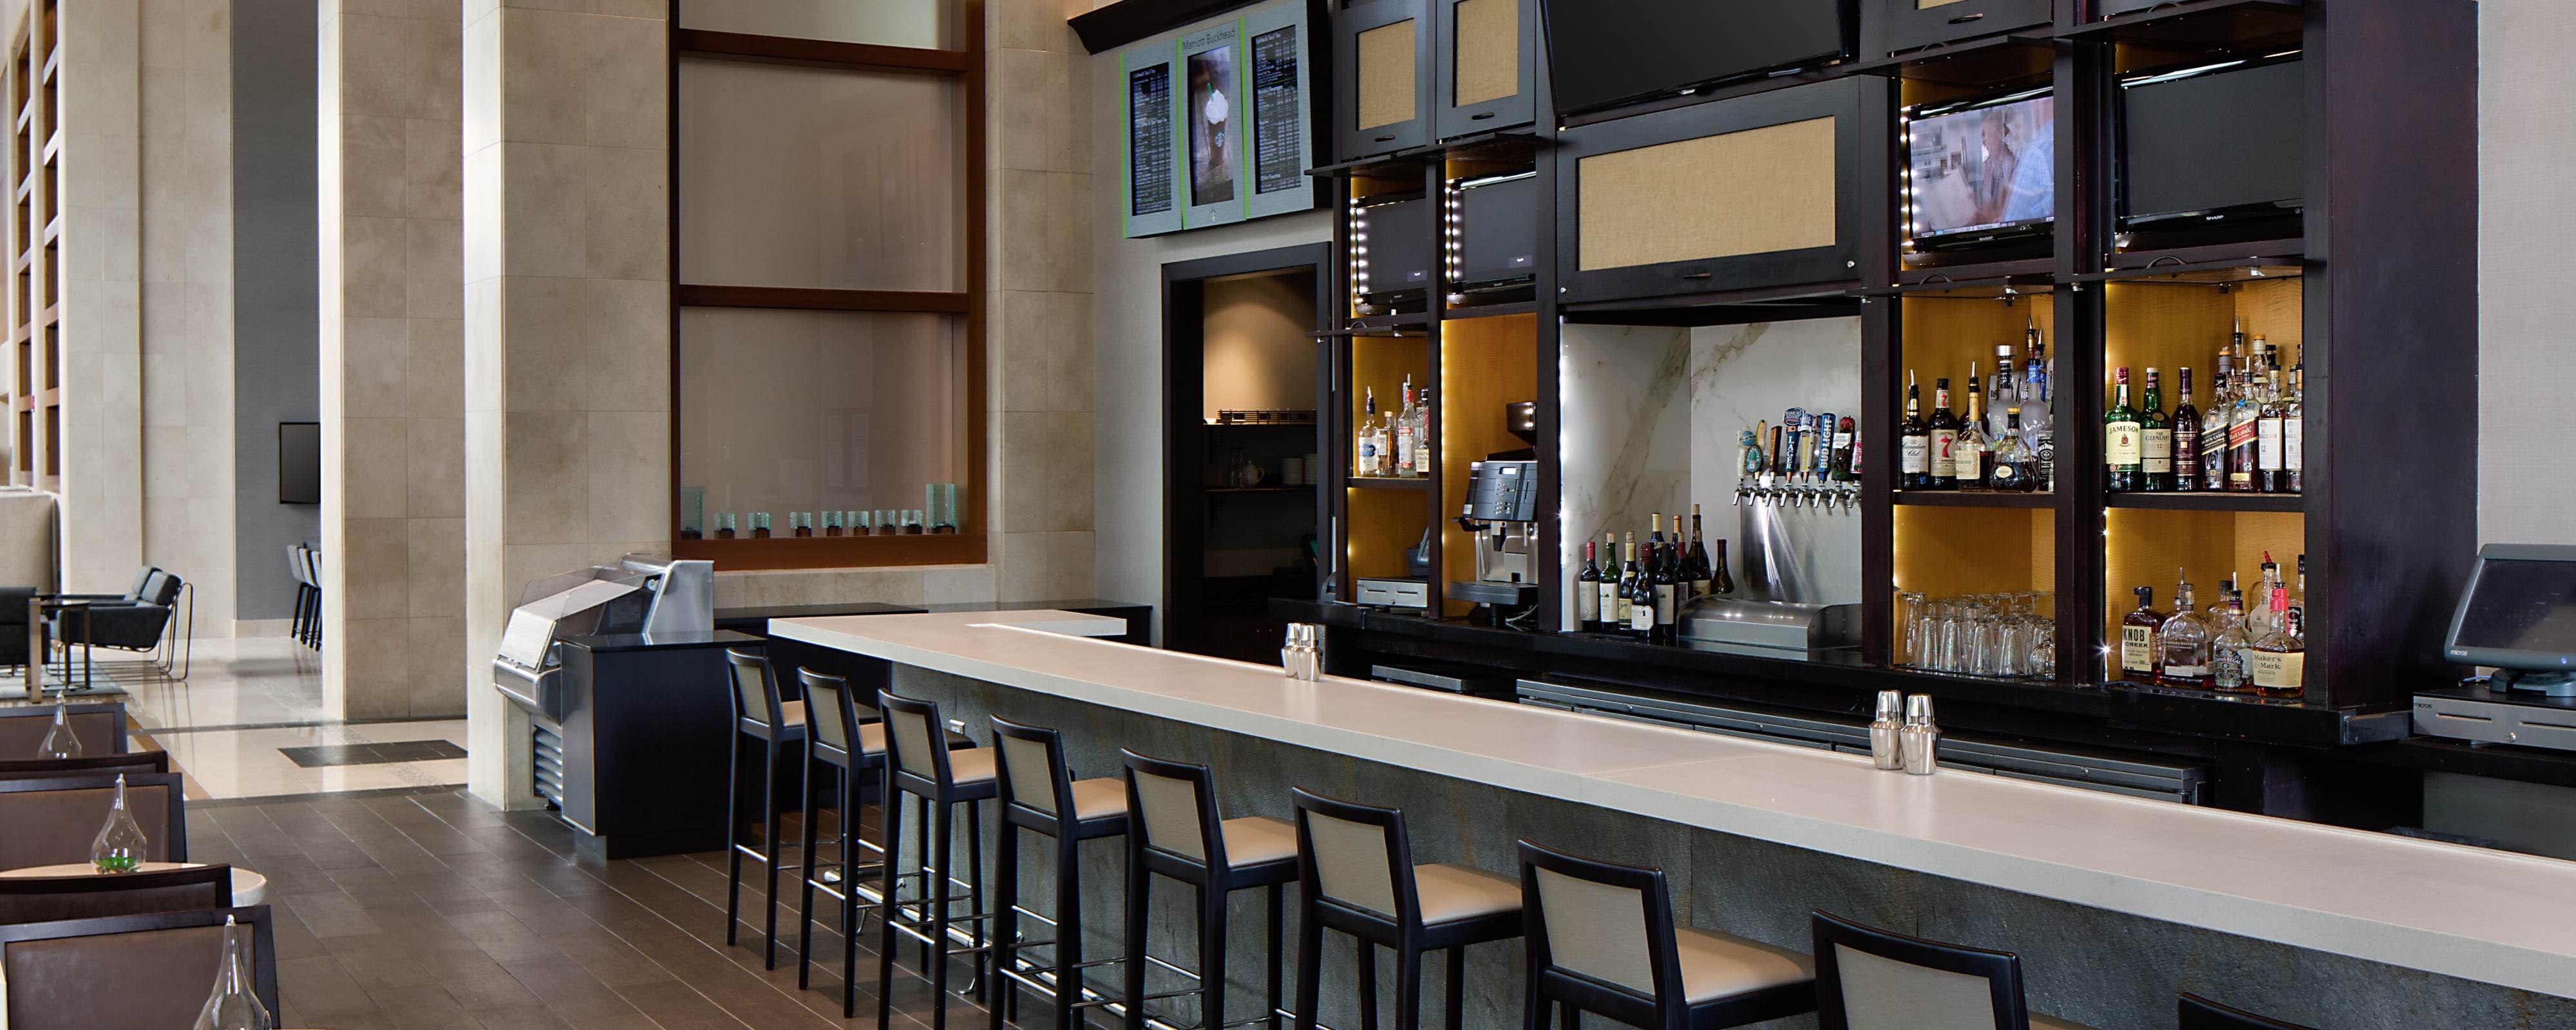 Restaurants In Buckhead Atlanta Marriott Hotel Conference Center